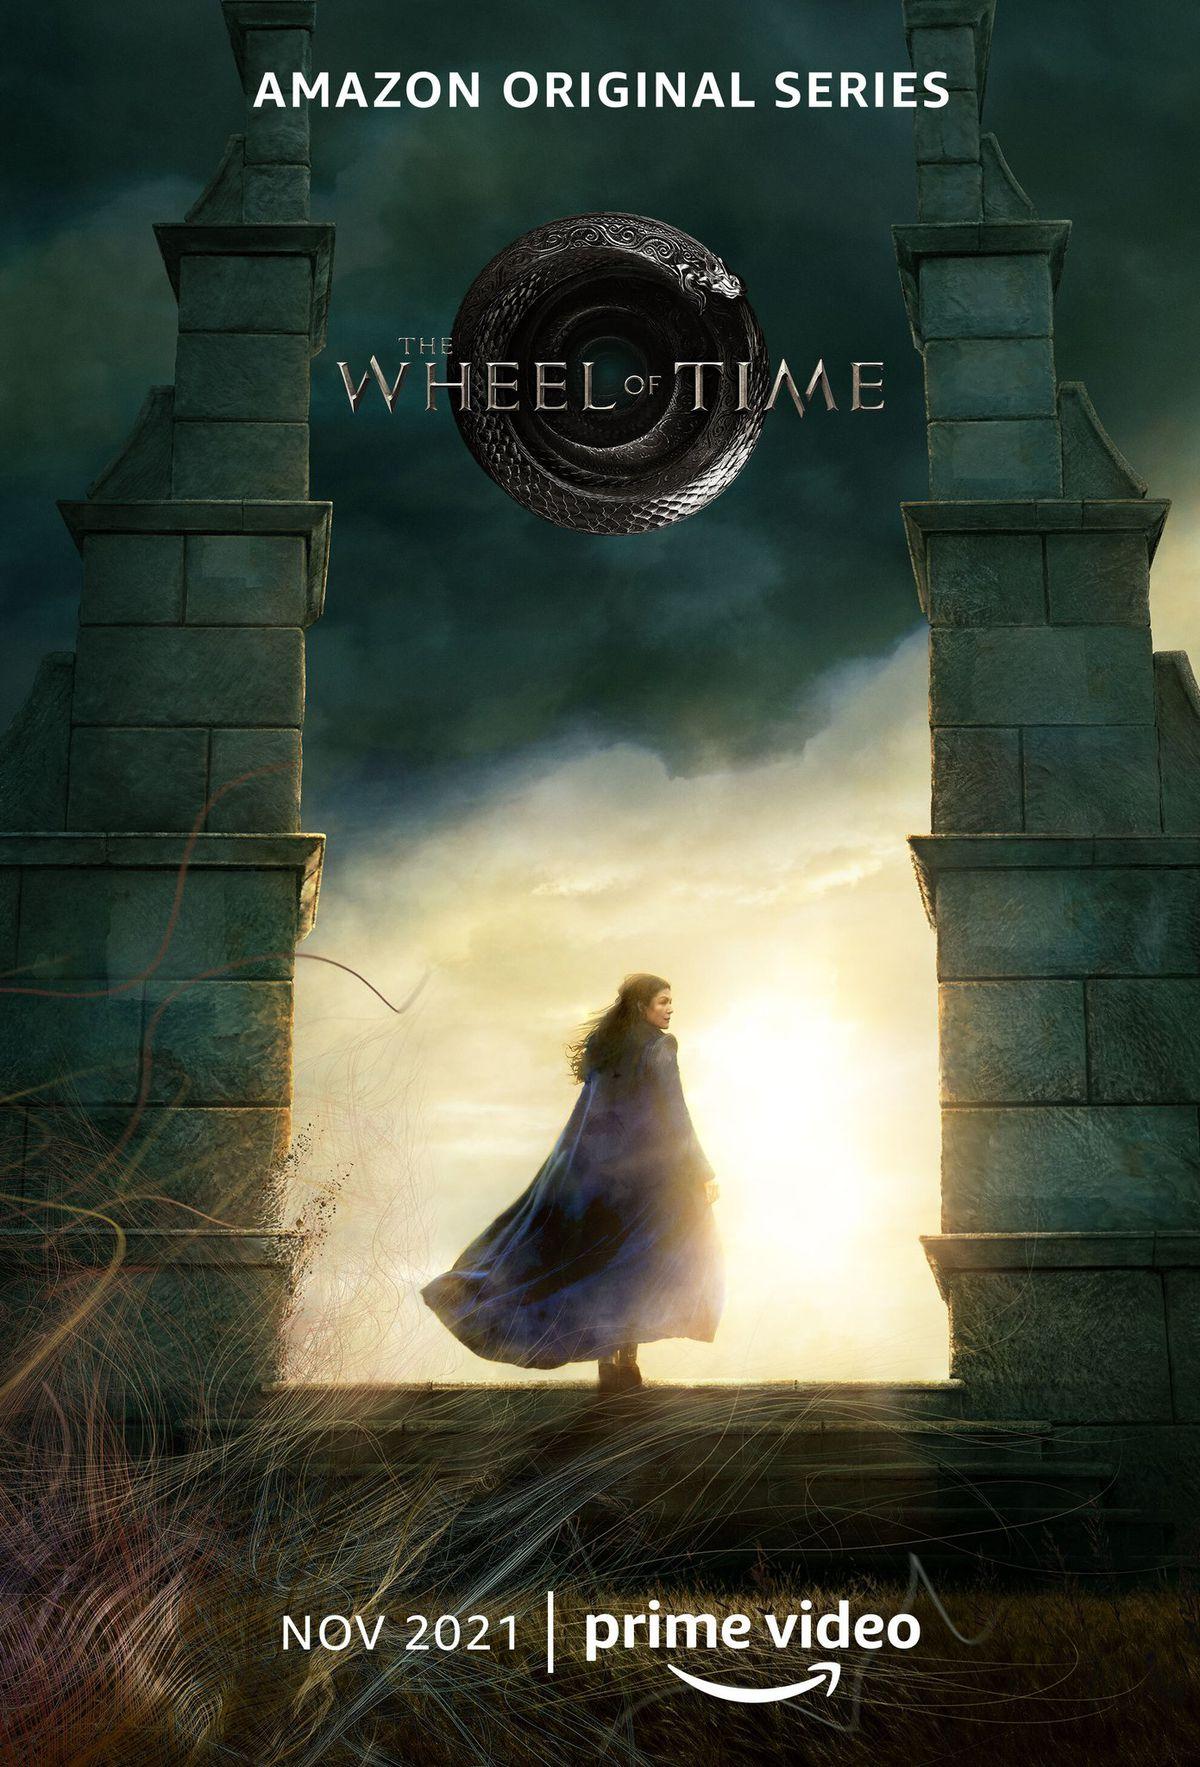 Rosamunde Pike als Moiraine over twee stenen pilaren stapt in een poster voor de originele Amazon-serie The Wheel of Time.